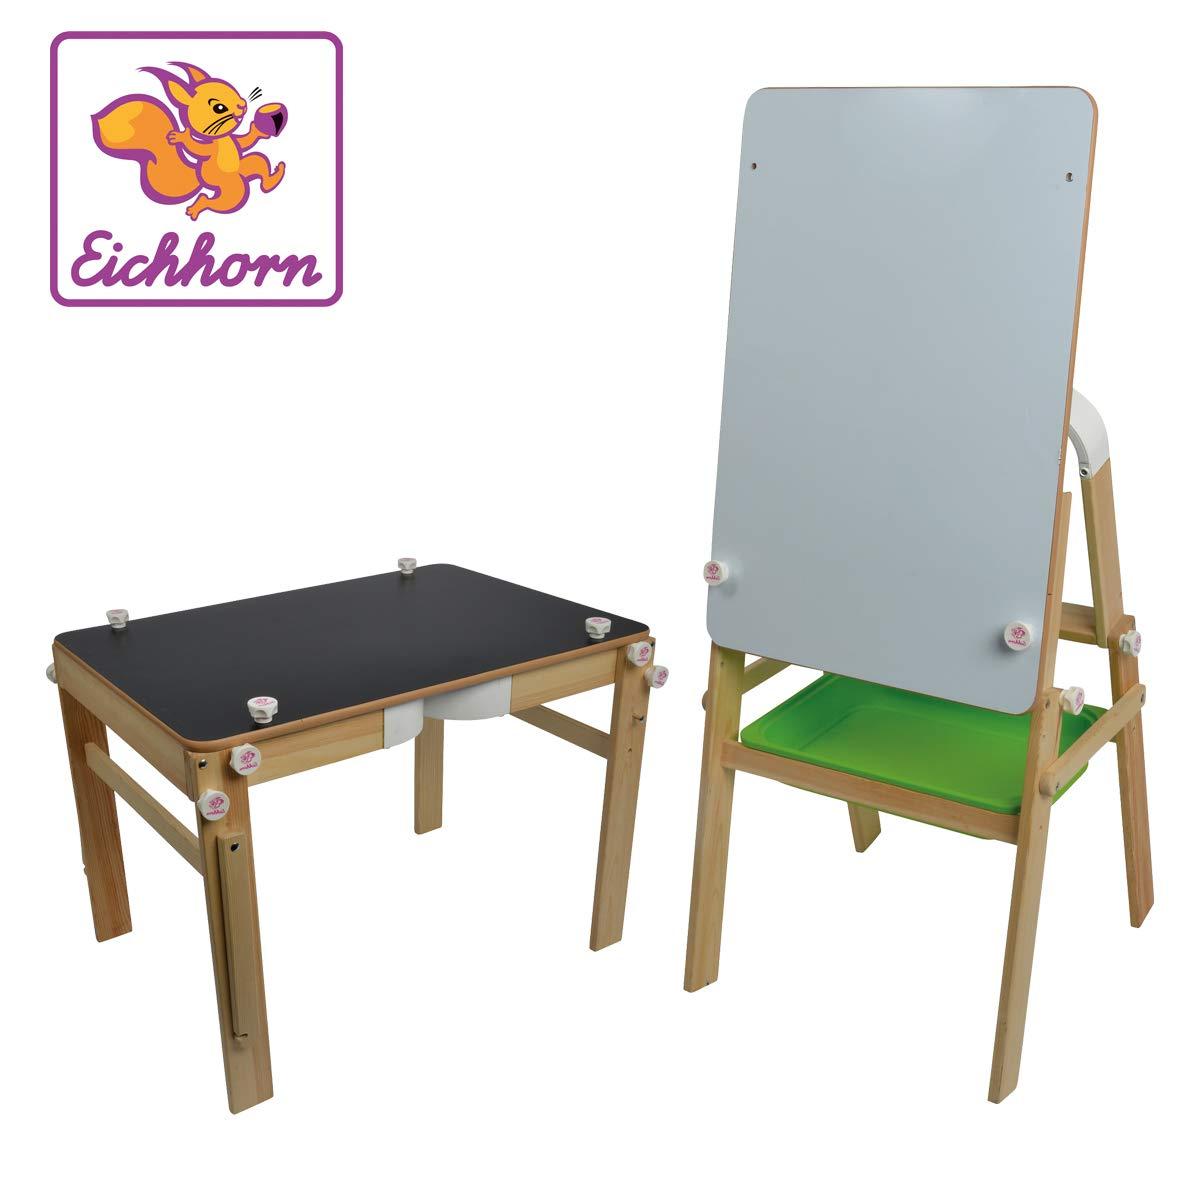 Eichhorn 100002573 2-in-1 Writing/Drawing Board by Eichhorn